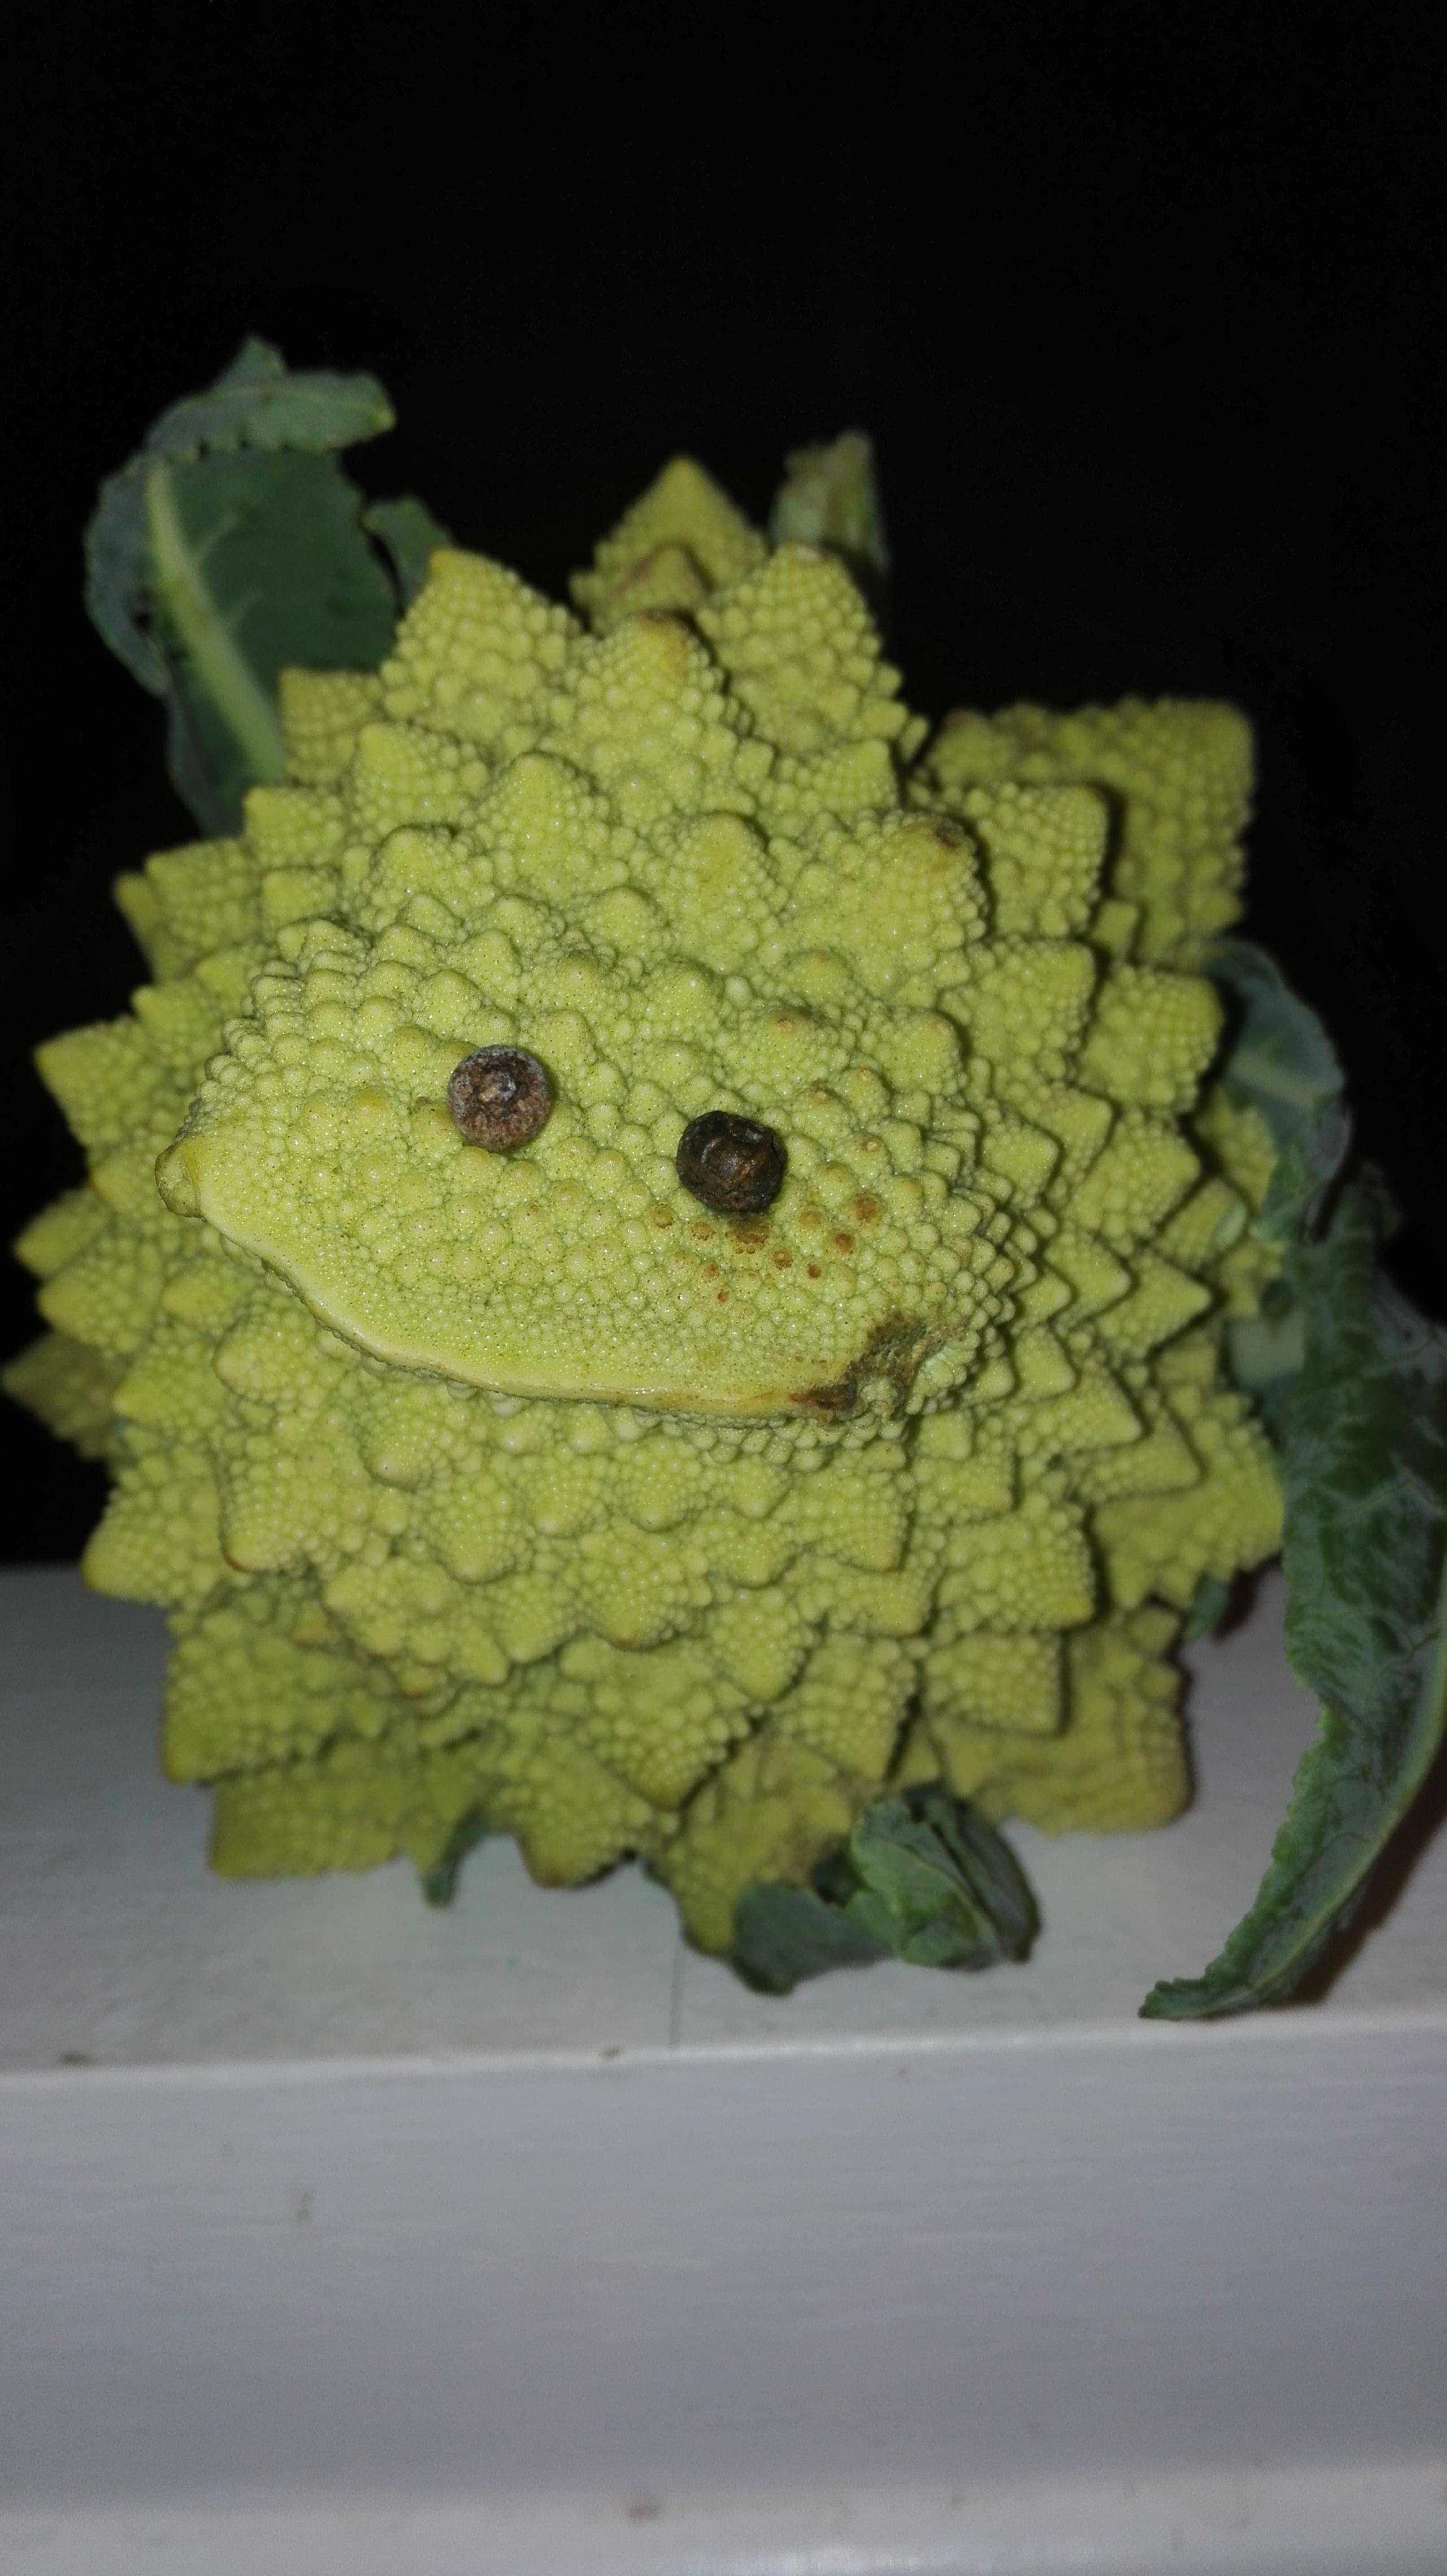 Animale fantastique sculpté dans un chou